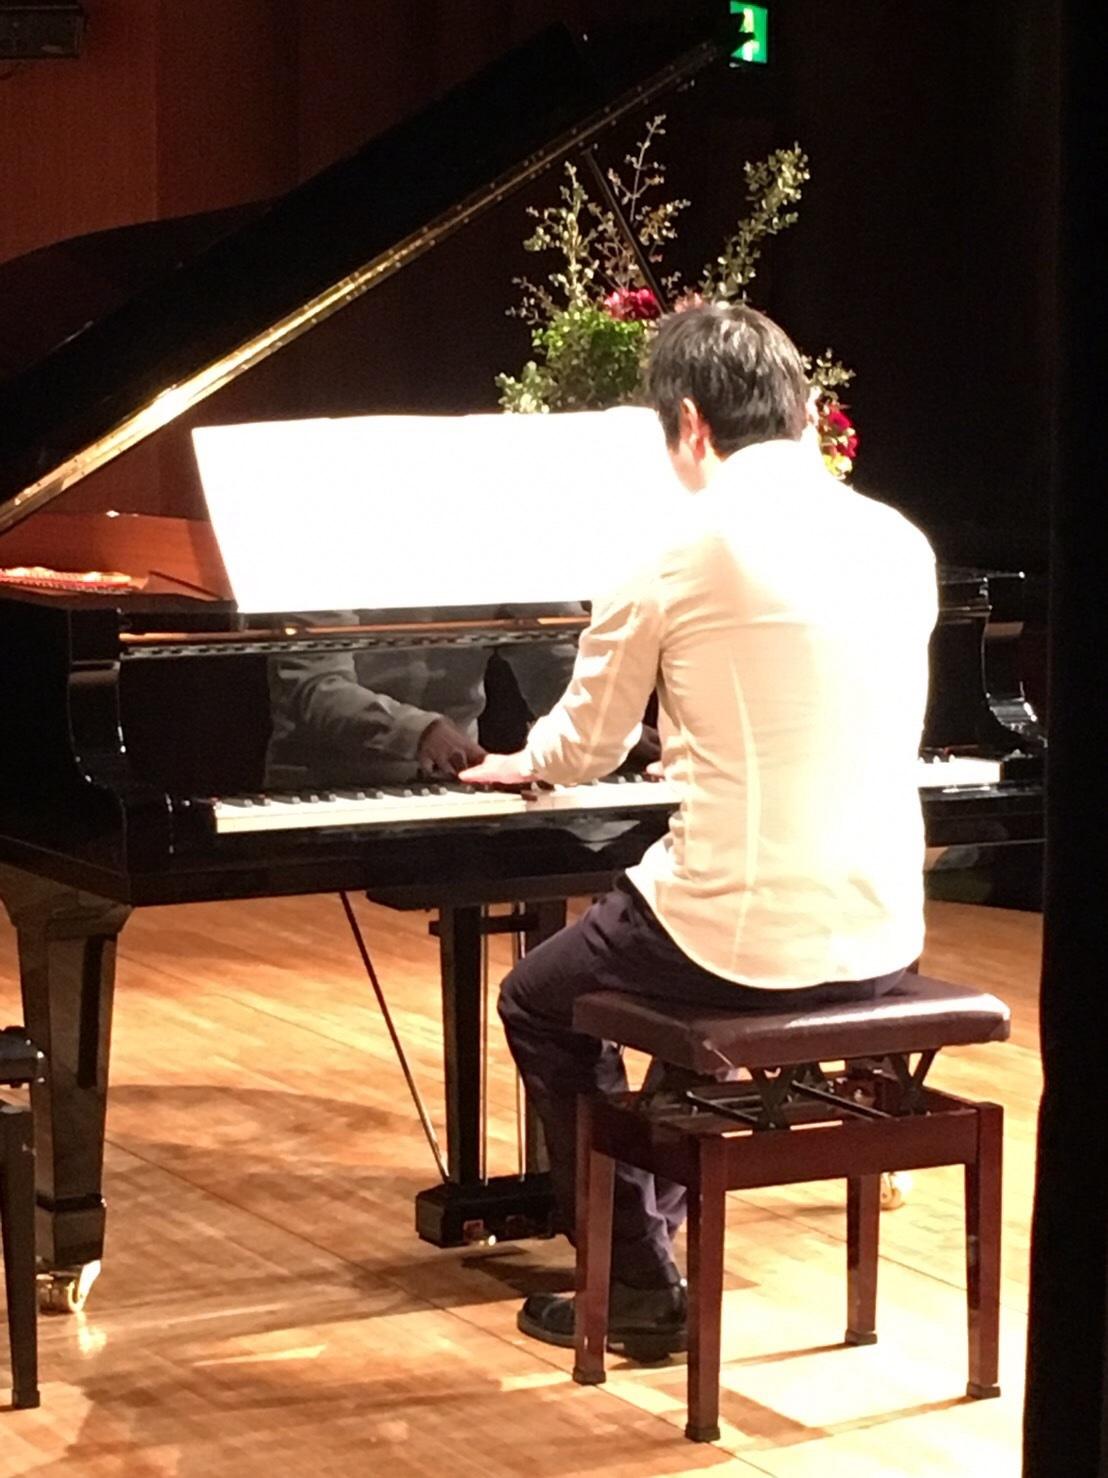 緊張したおっさんが「パリは燃えているか」をピアノ発表会で弾くと、こんなふうになるWWWWWWWWWWW_b0344880_16265562.jpg